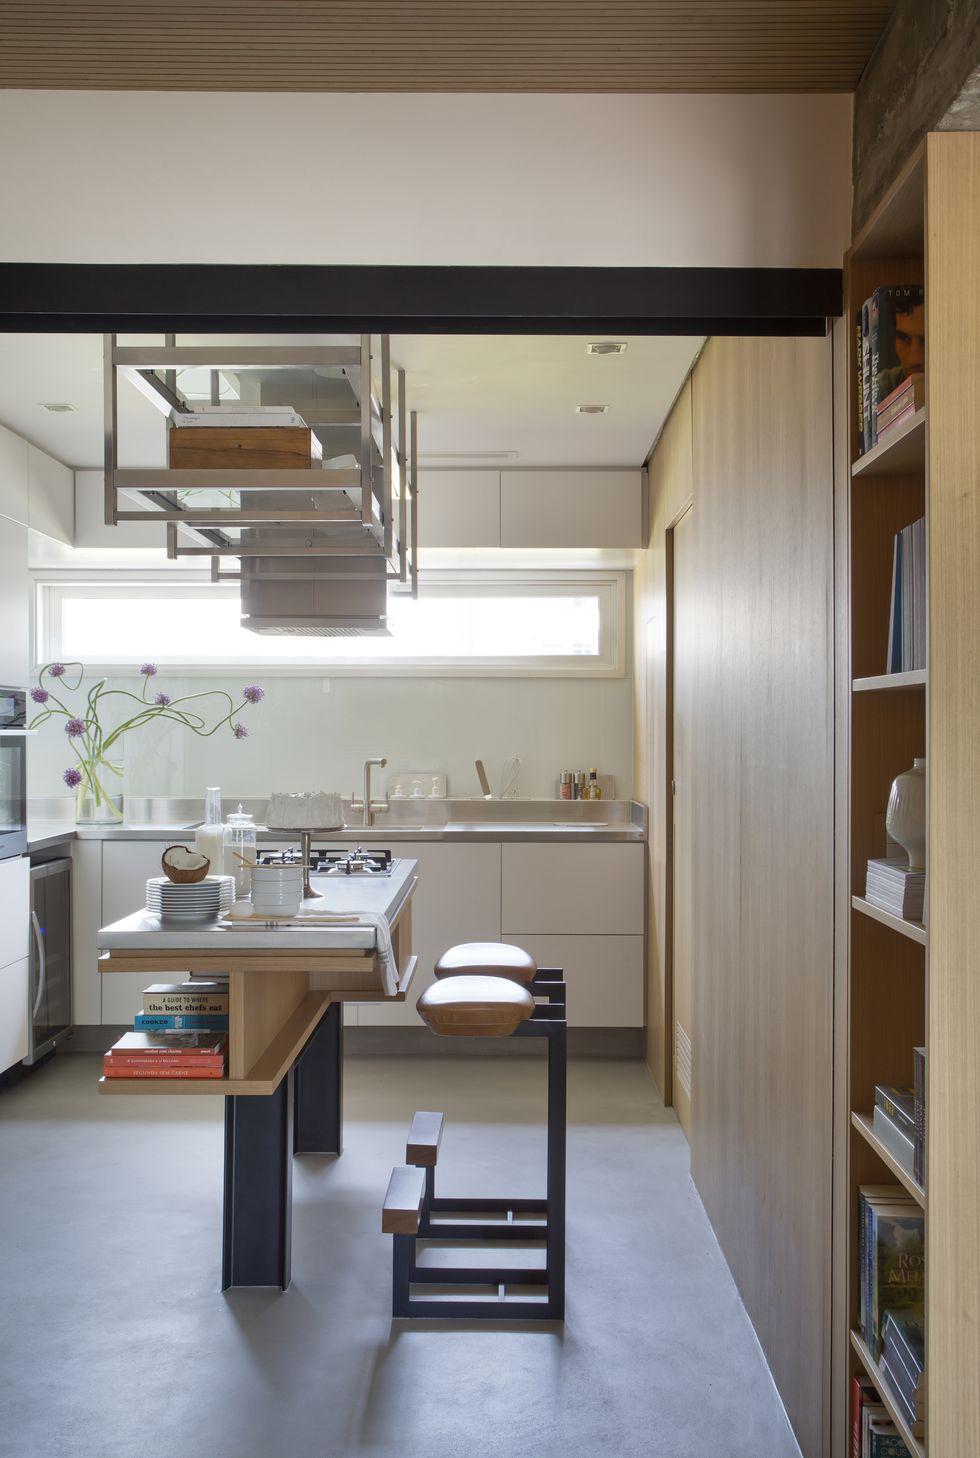 luxe appartement moderne keuken met kookeiland en bar